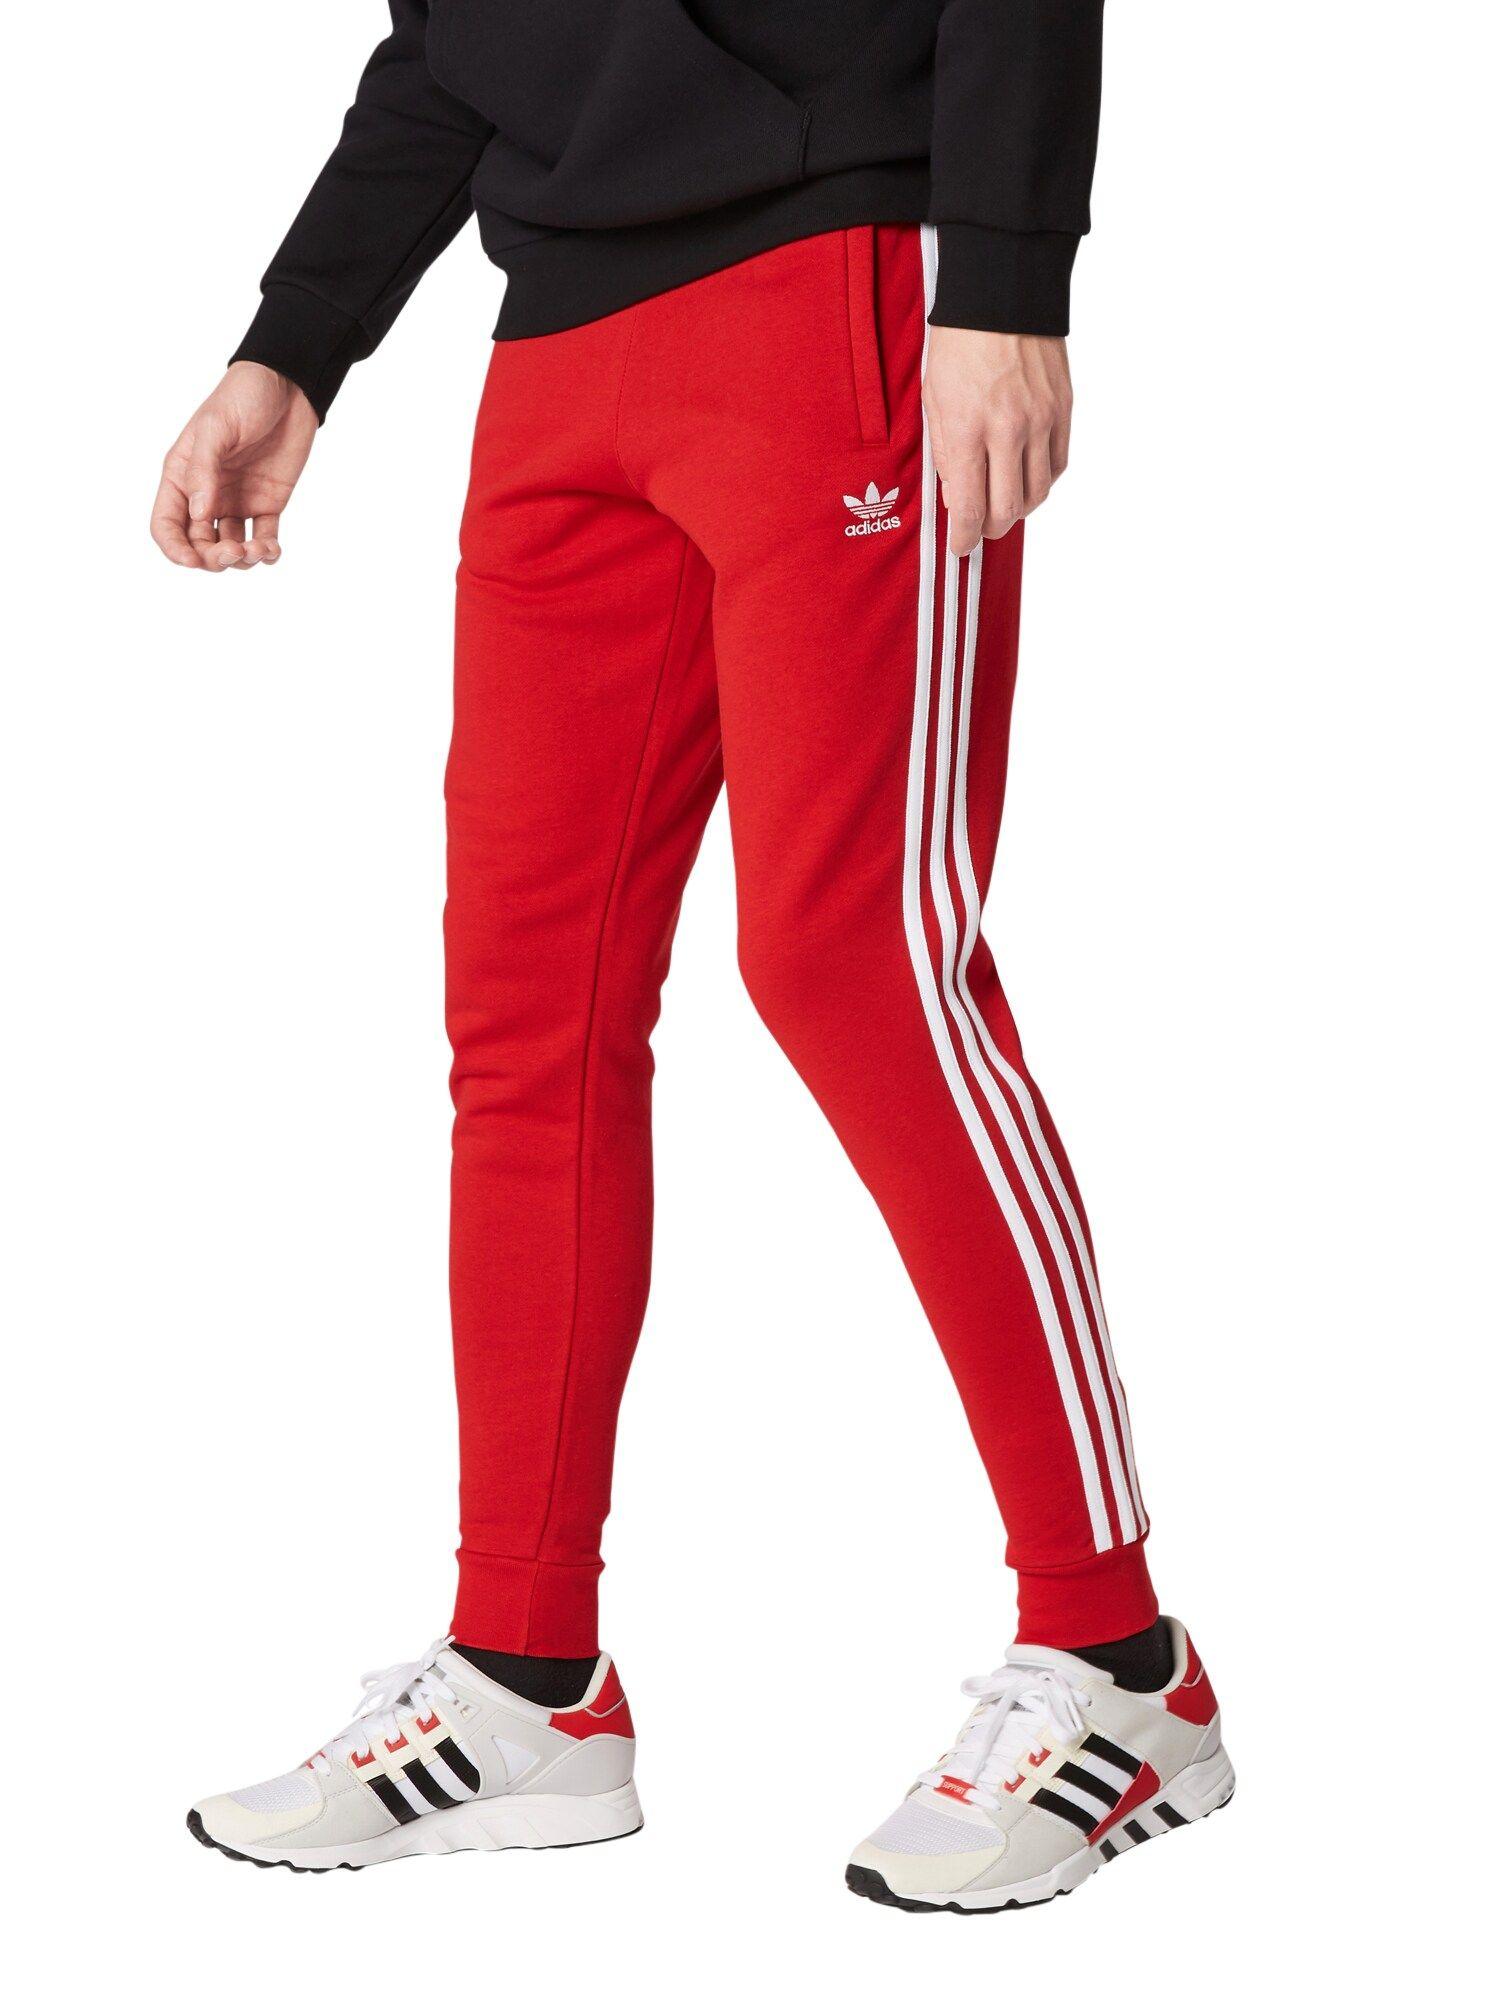 ADIDAS ORIGINALS Hose '3 Stripes' Herren, Rot Weiß, Größe